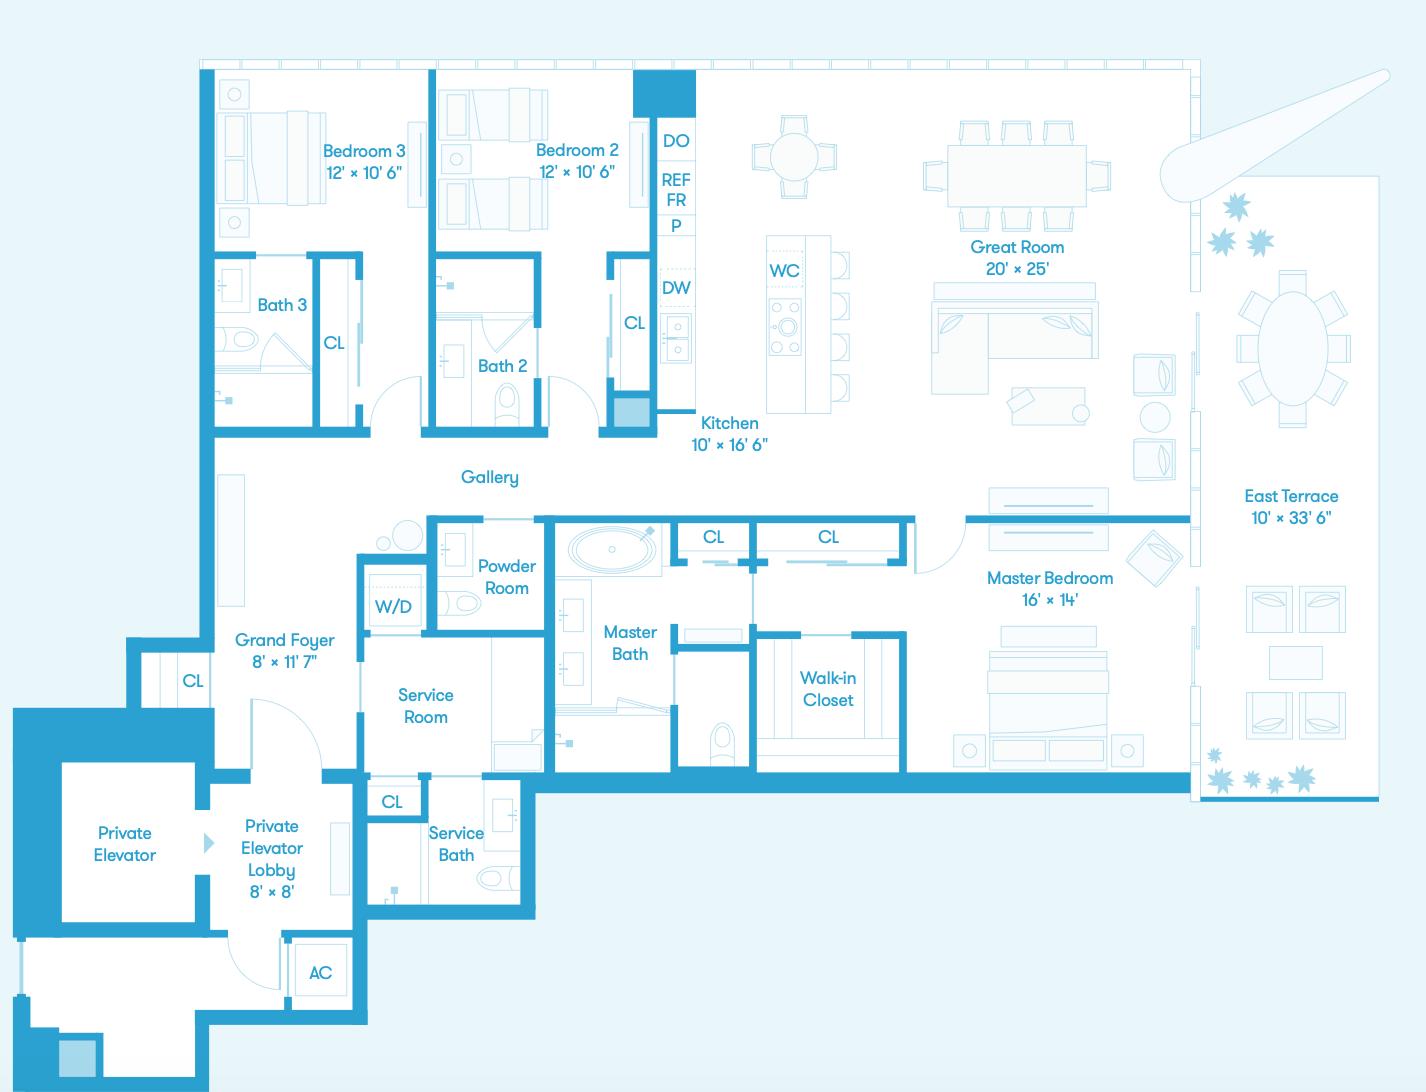 Tower Residence NE Floors 38 - 56